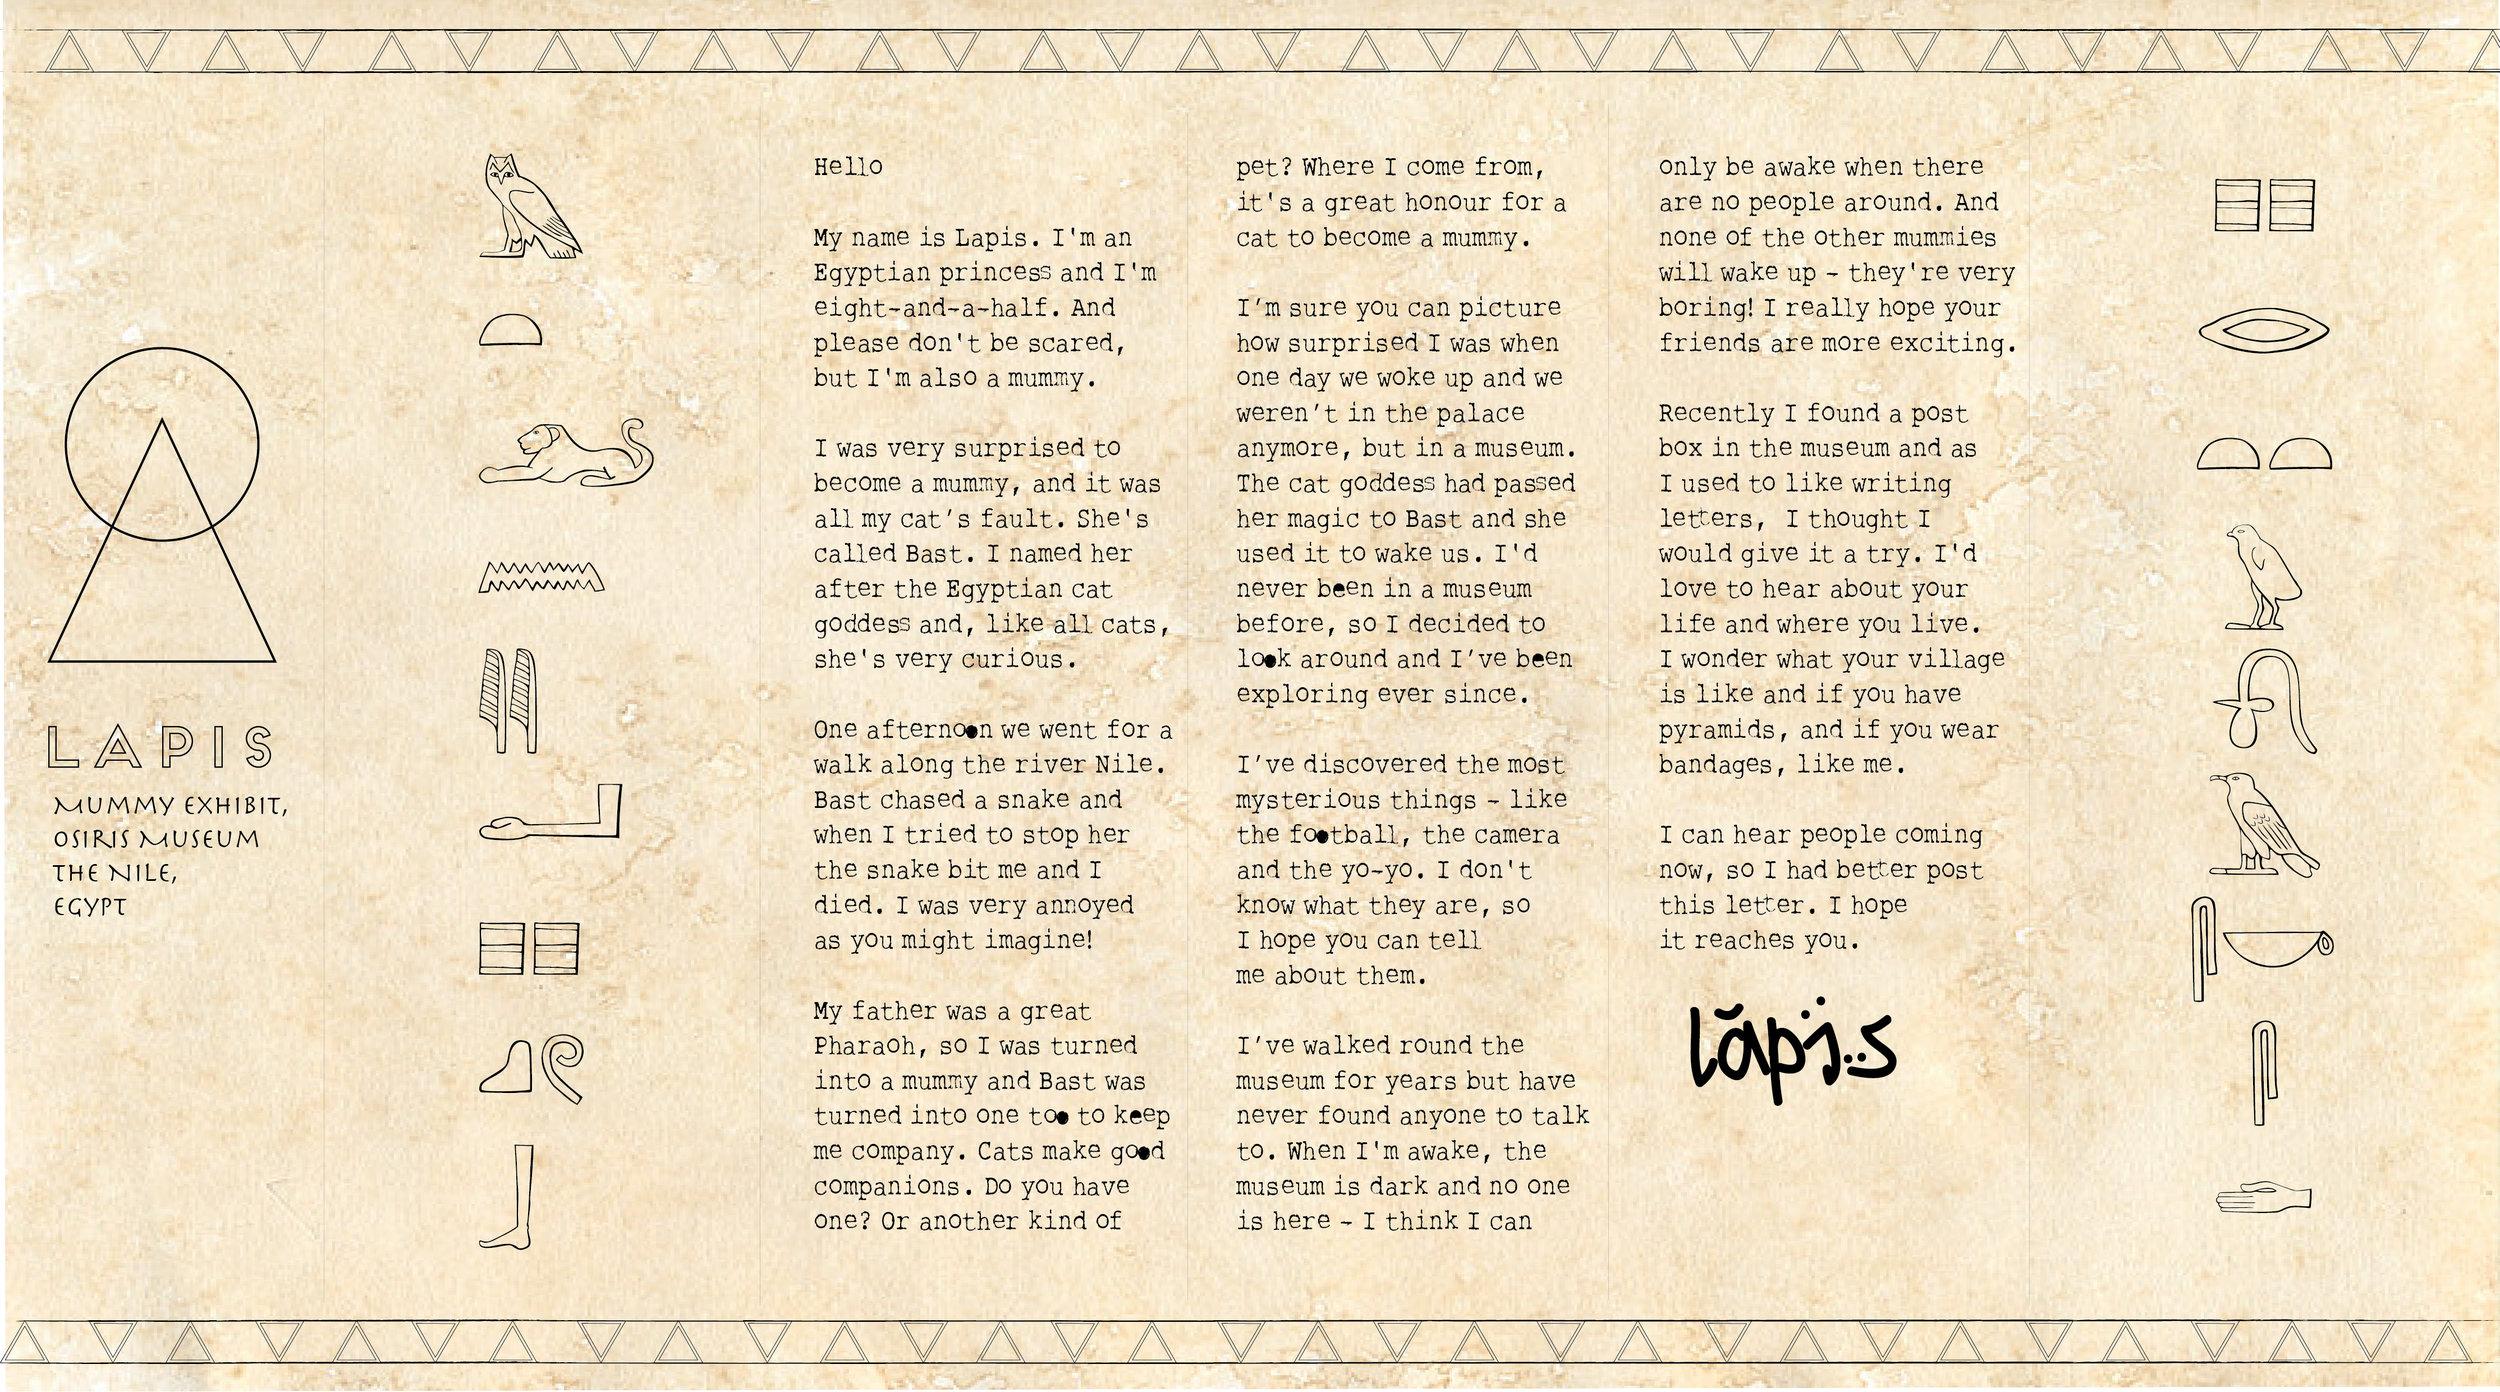 LapistheMummy_letter-01.jpg